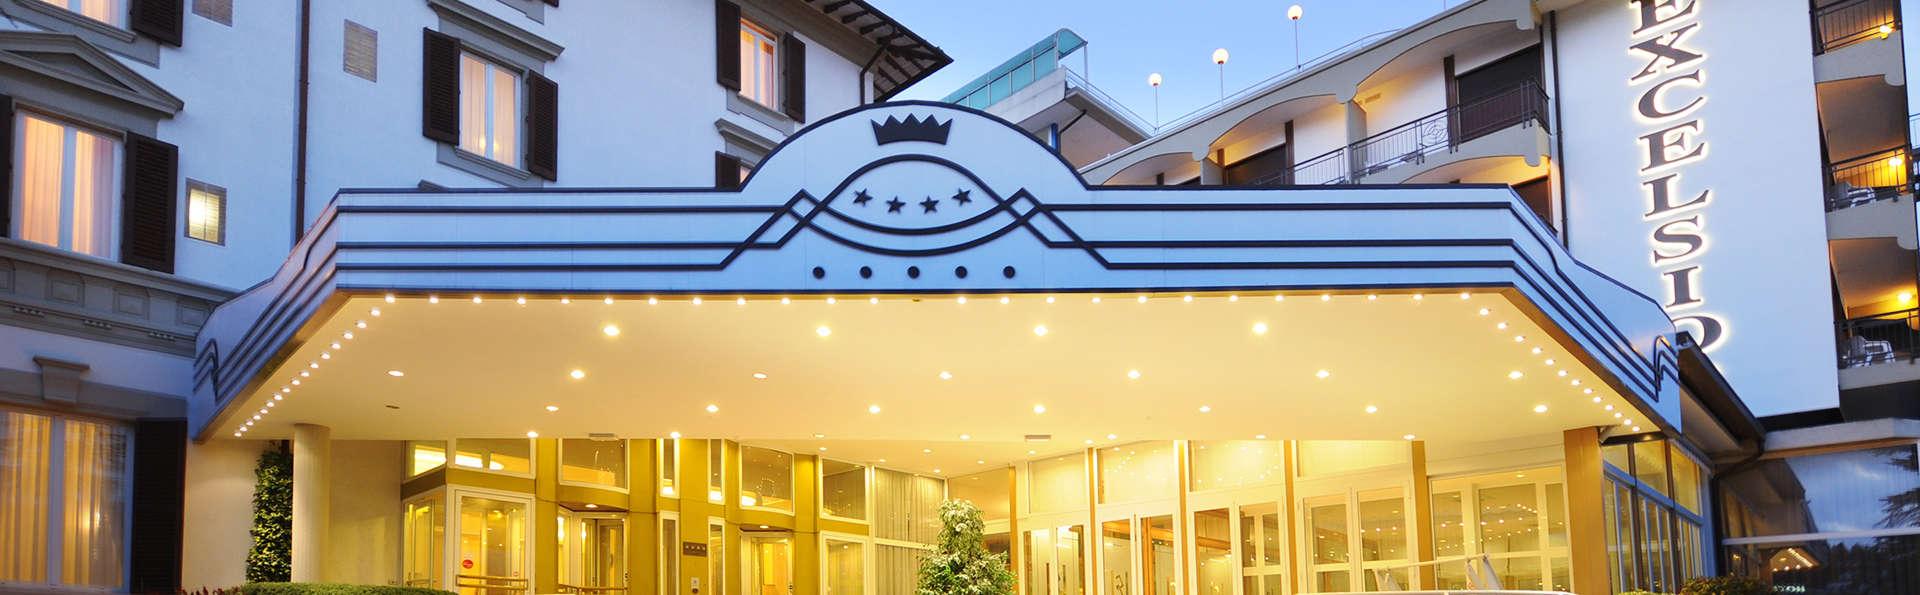 Offerta speciale: soggiorno a Chianciano Terme (non rimborsabile)